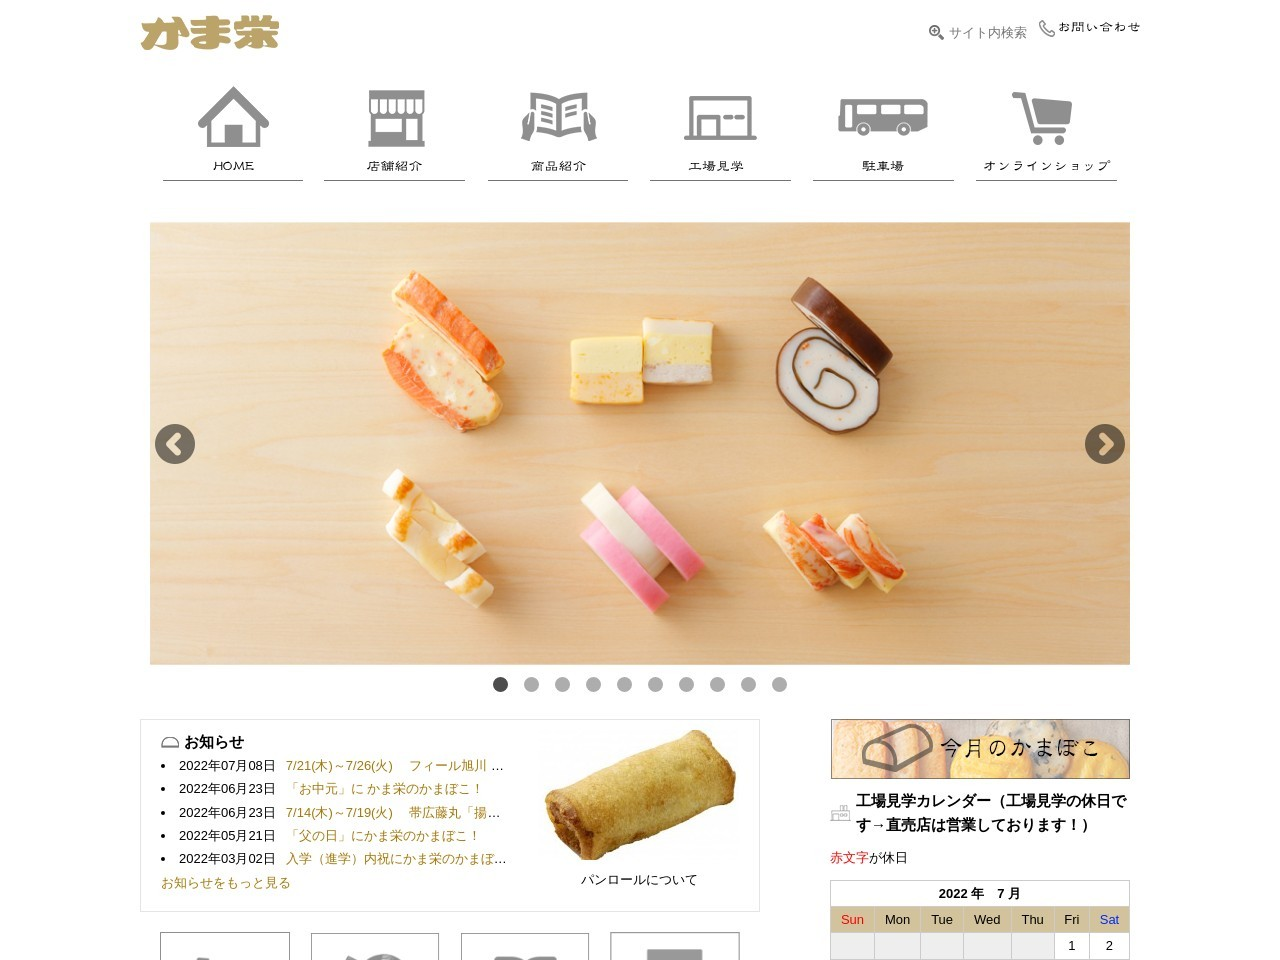 かま栄公式サイト | 小樽 かま栄のかまぼこ